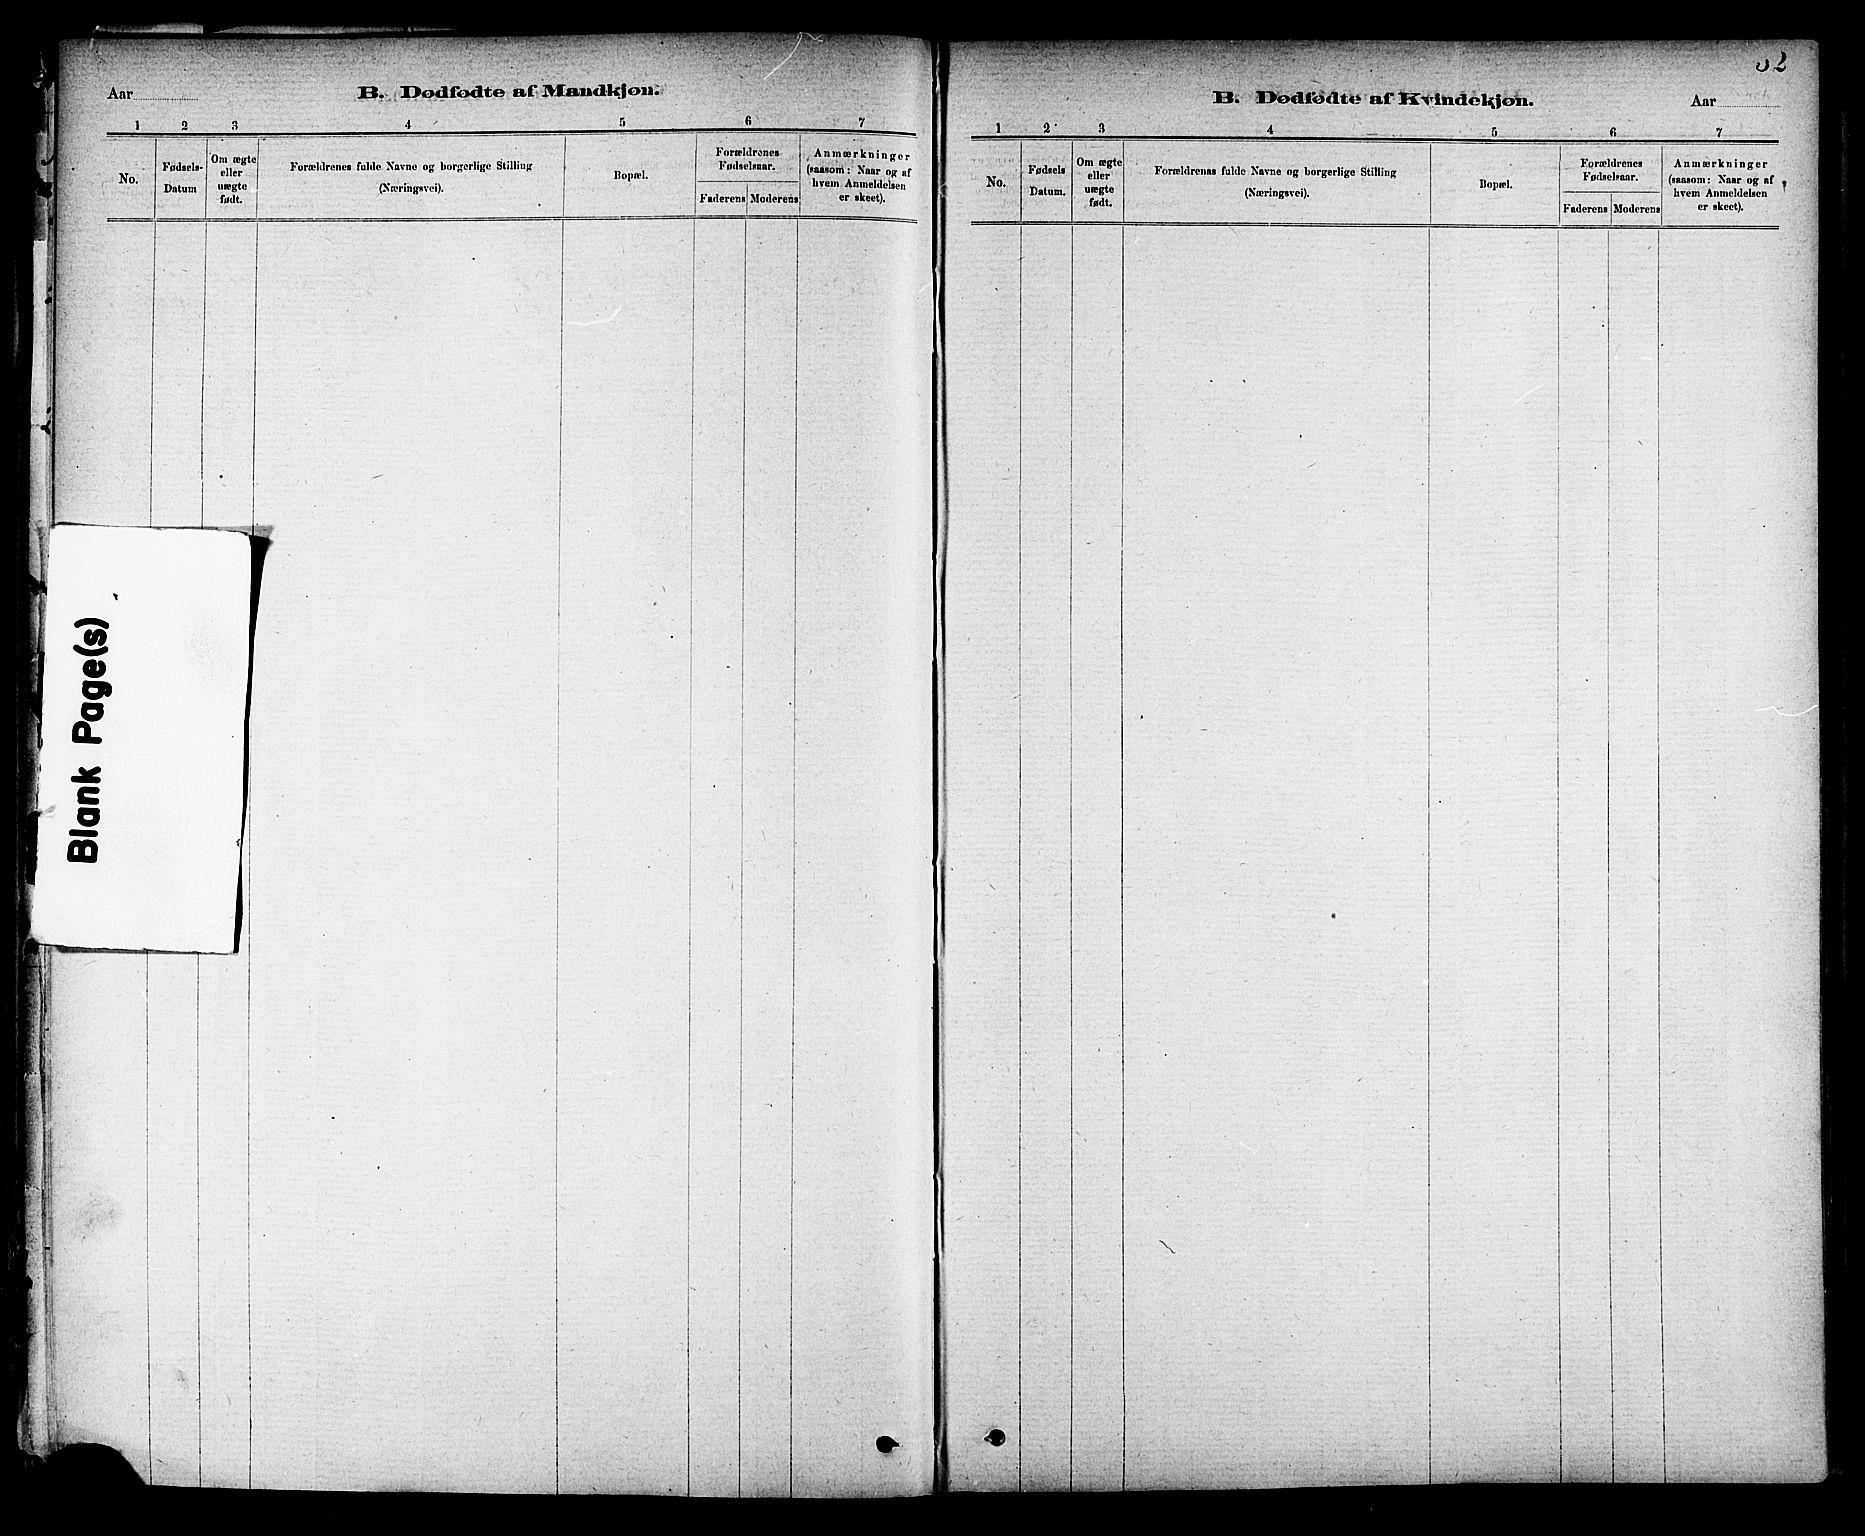 SAT, Ministerialprotokoller, klokkerbøker og fødselsregistre - Nord-Trøndelag, 714/L0130: Ministerialbok nr. 714A01, 1878-1895, s. 52